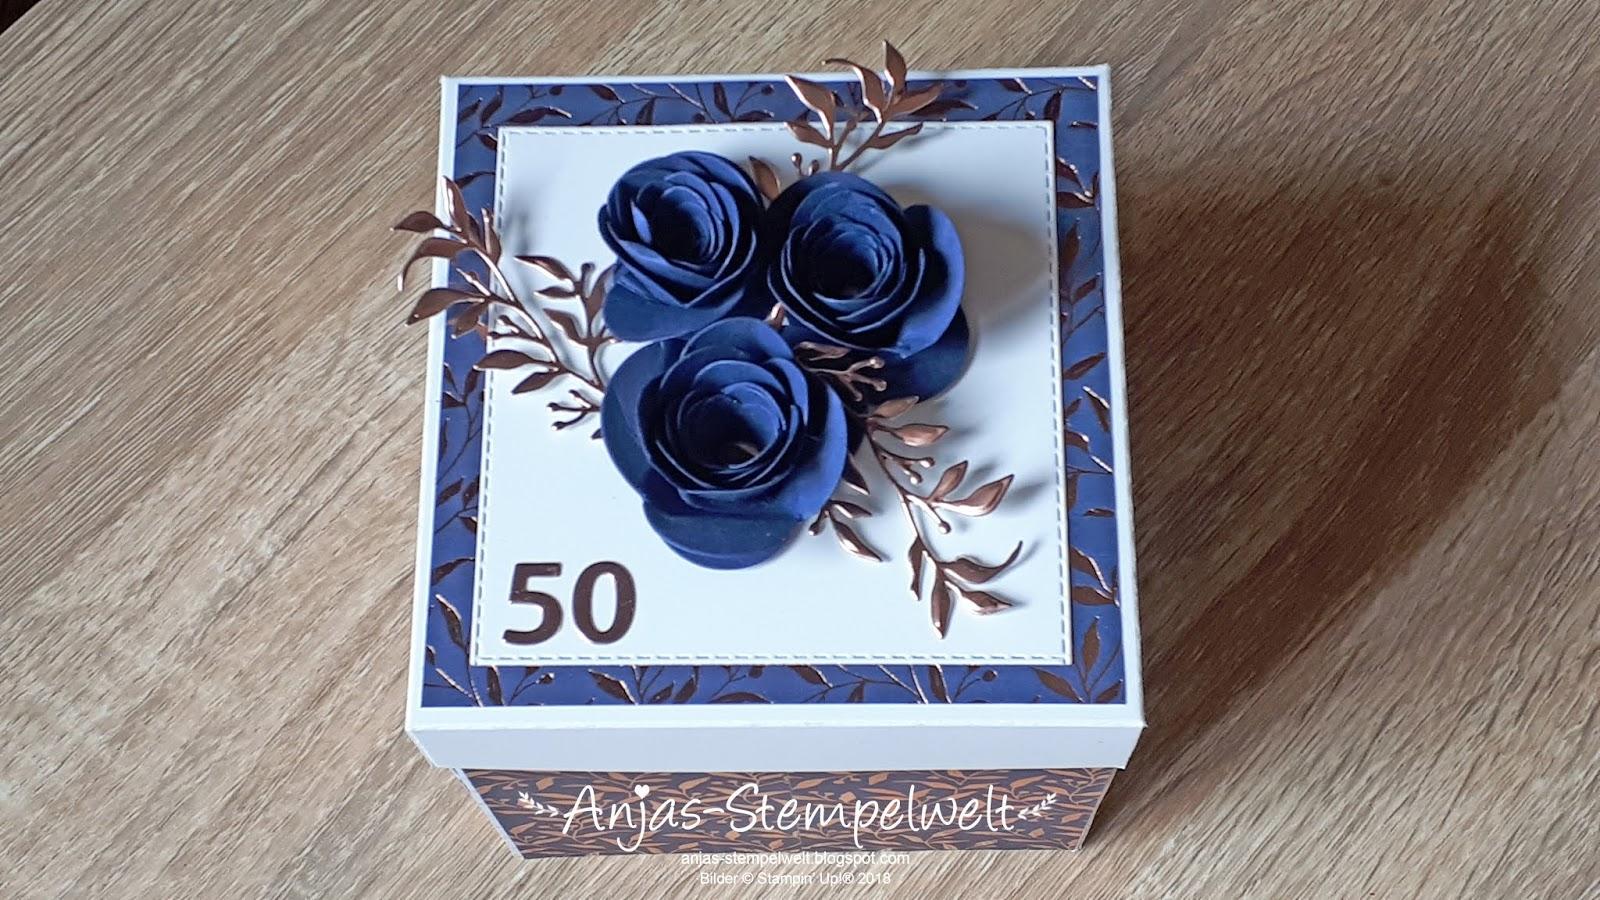 Explosionsbox Zur Goldenen Hochzeit Anjas Stempelwelt